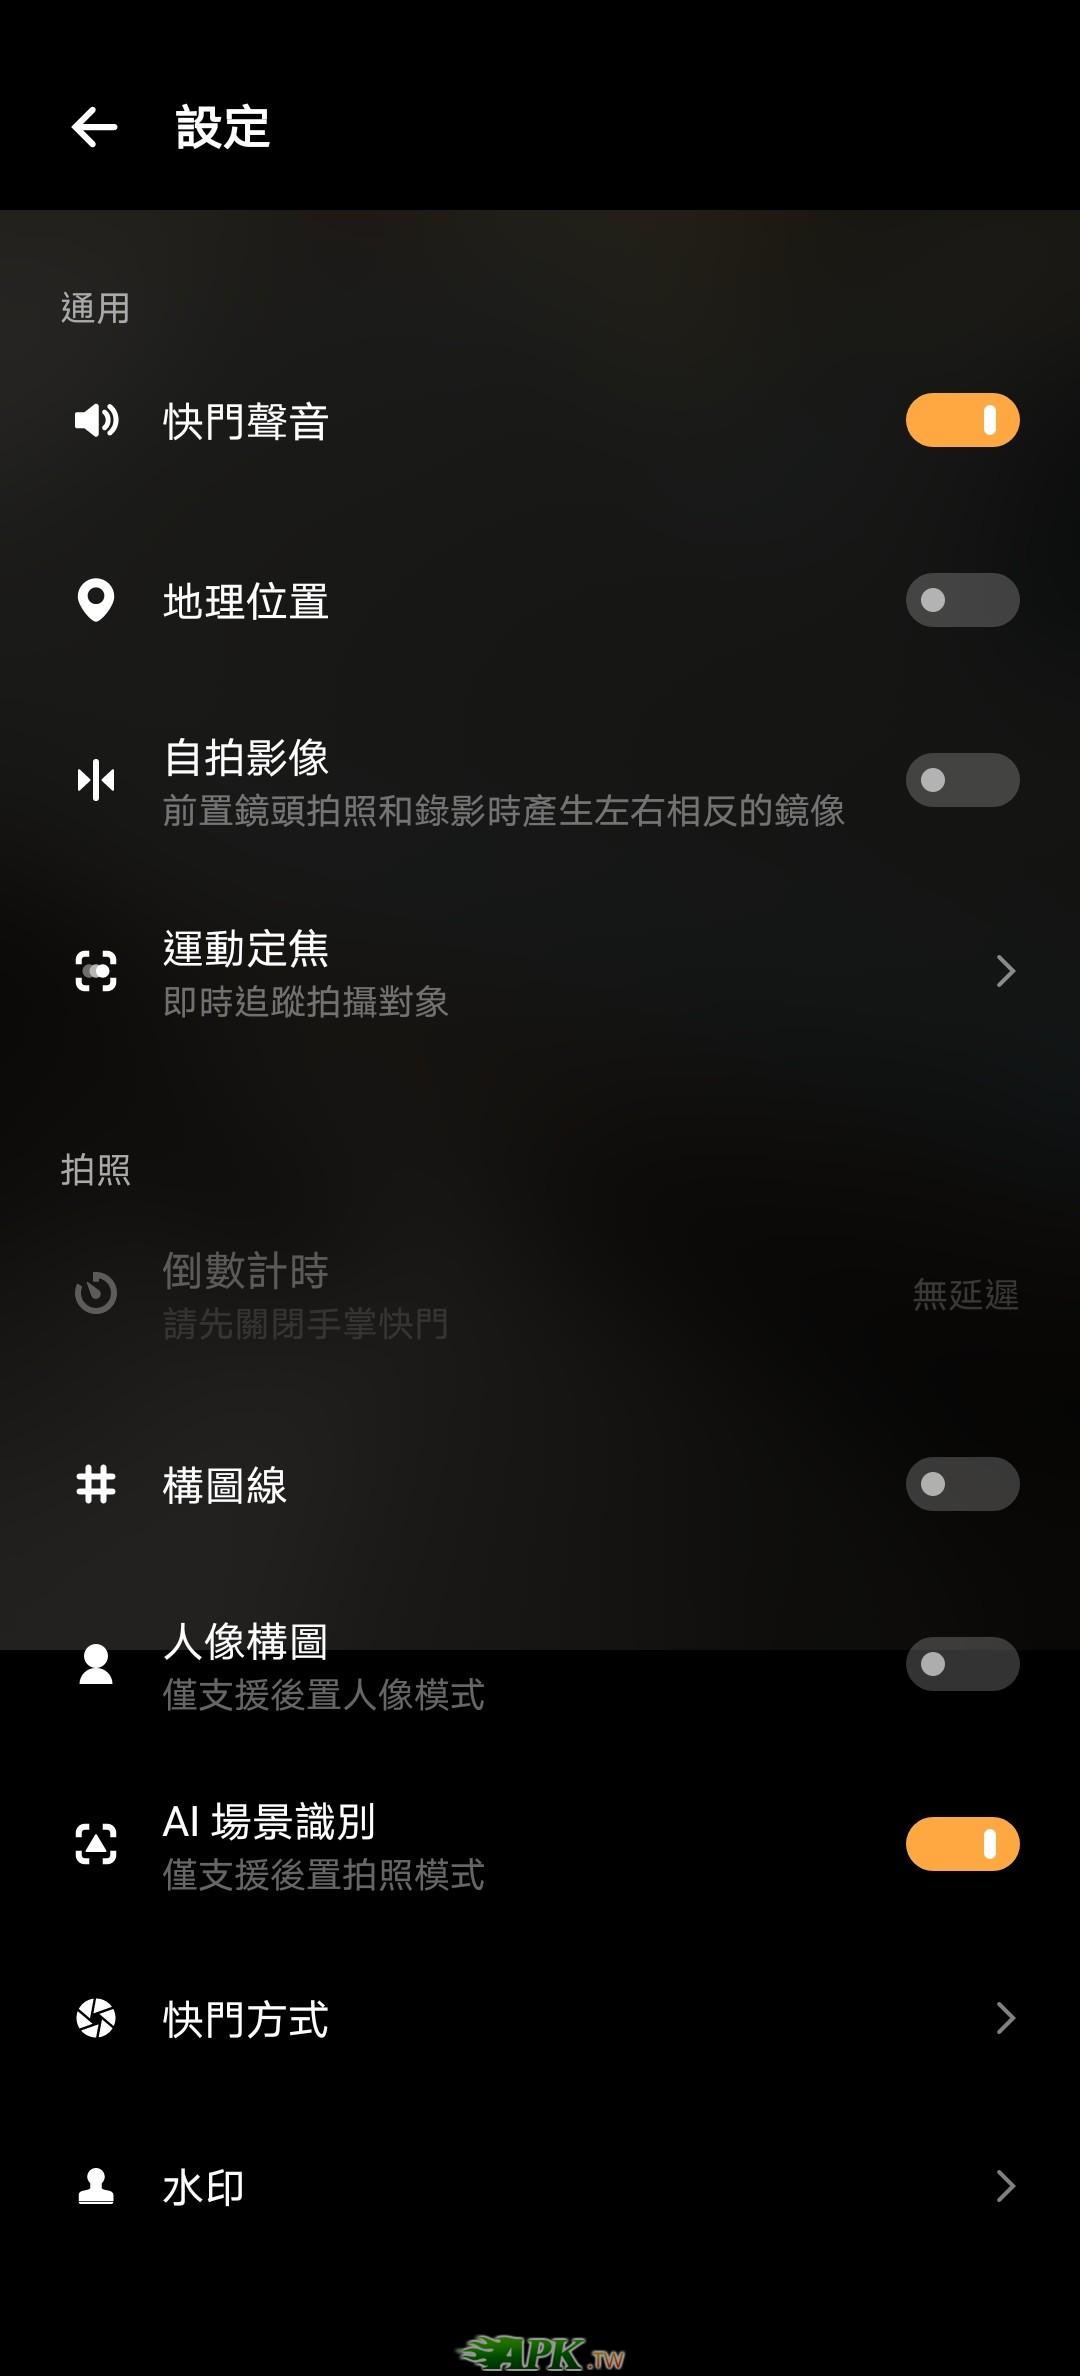 Screenshot_20201203_200732.jpg